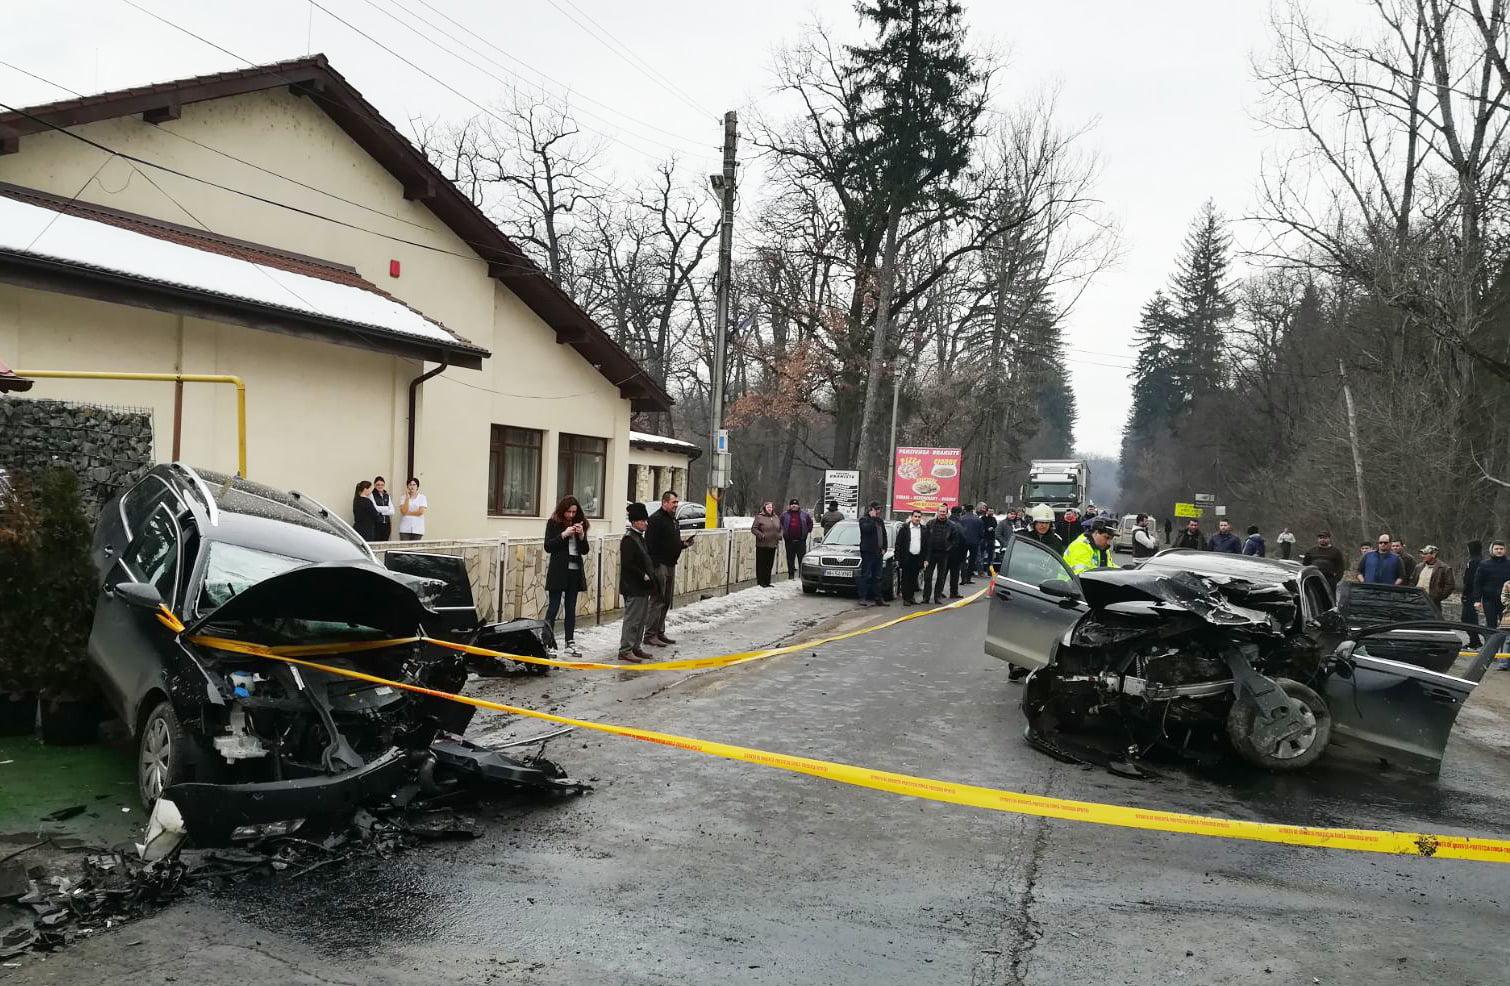 Polițiștii intensifică acțiunile în trafic, după accidentele grave petrecute în Neamț în acest weekend